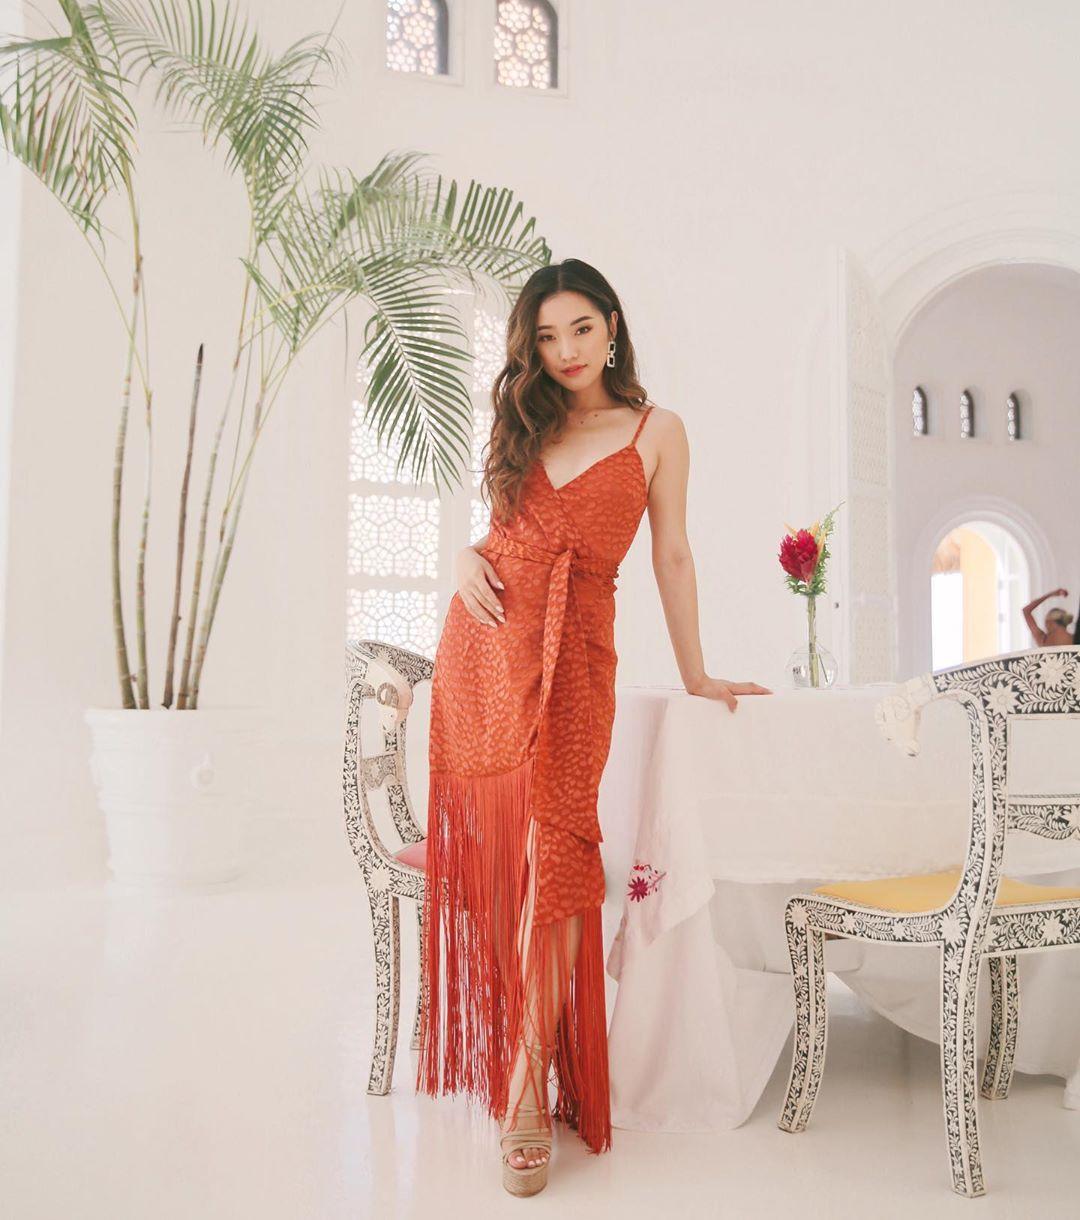 thời trang công sở đầm quần wrap dress dây đỏ